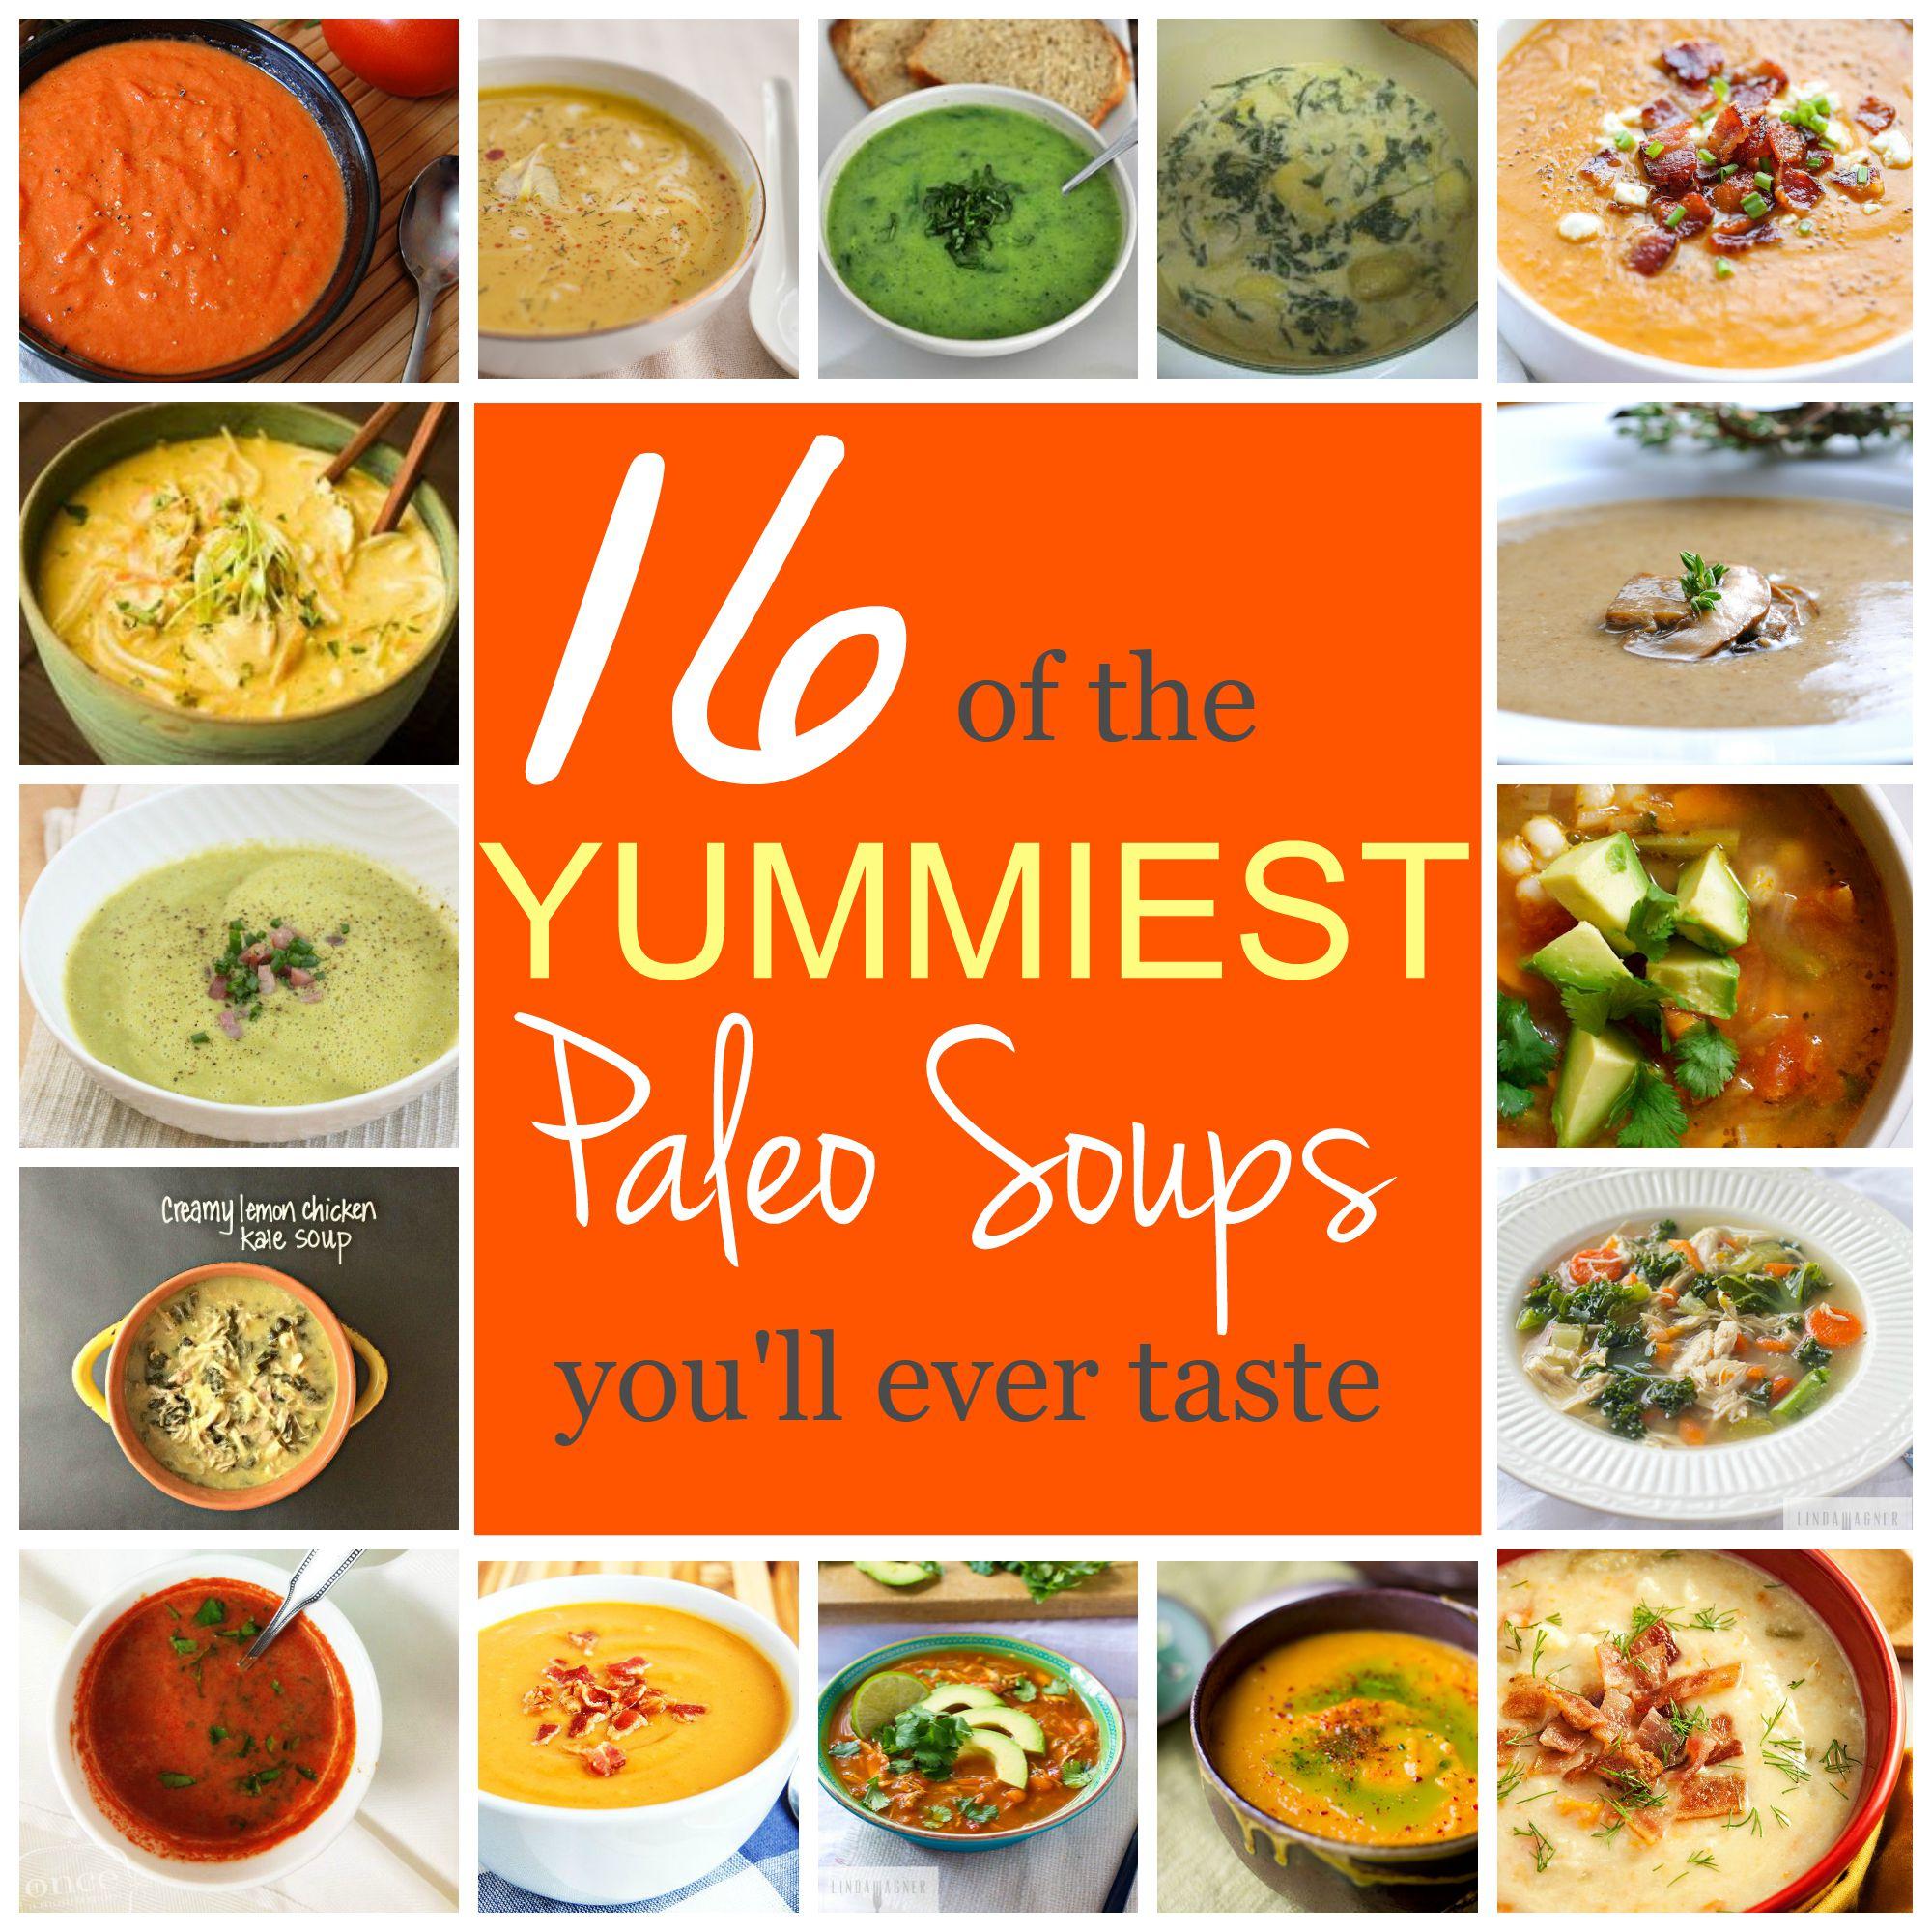 16 Yummy Paleo Soups